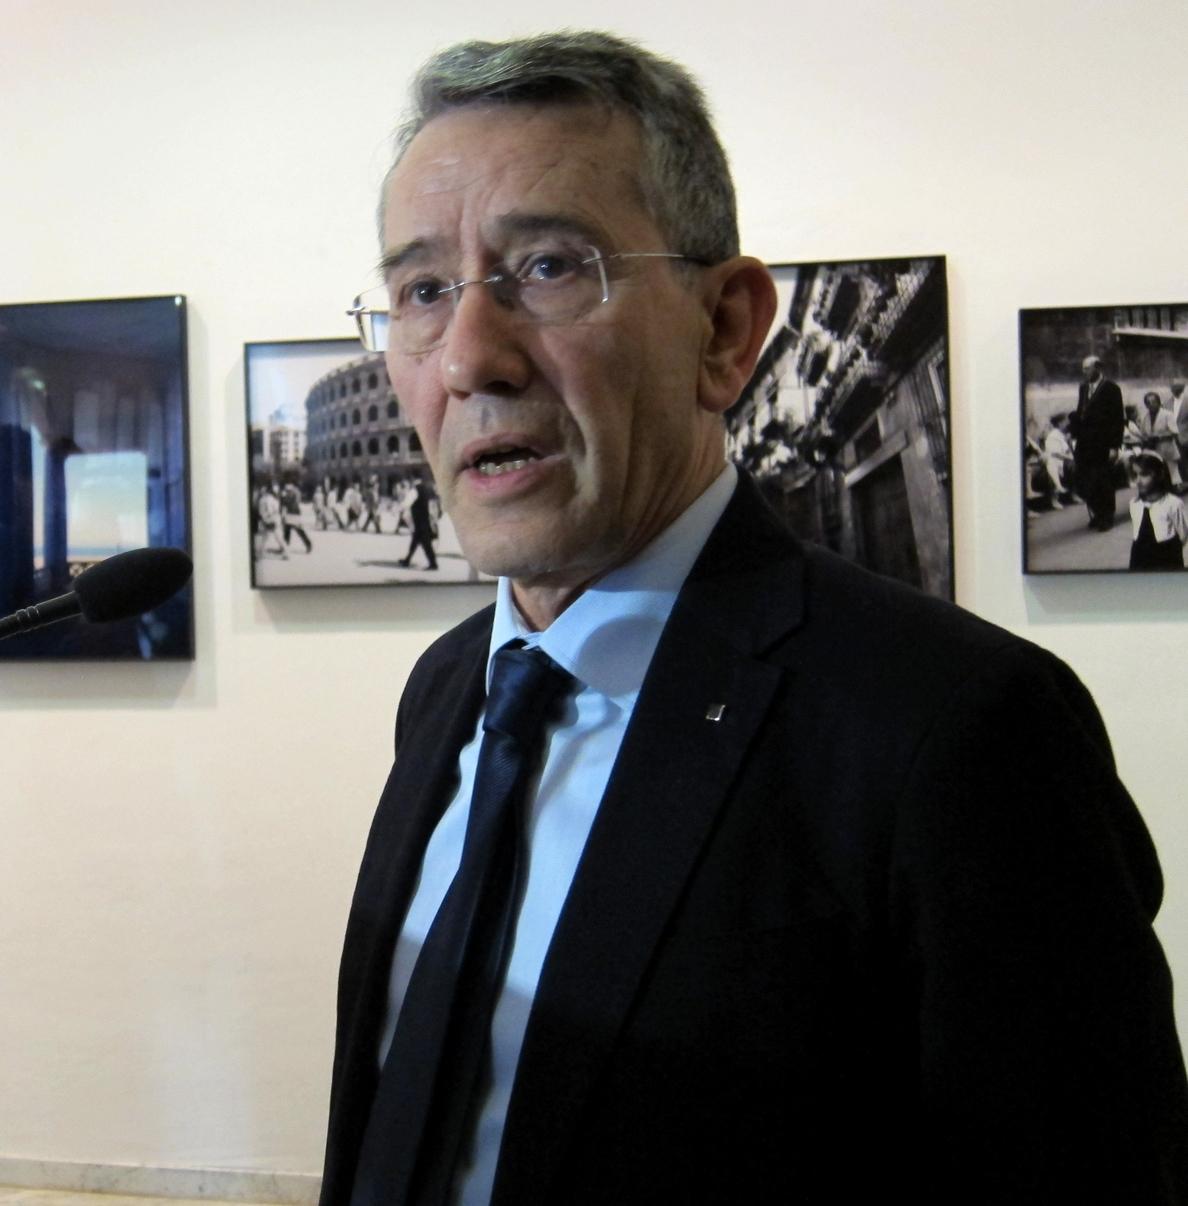 PSPV pide la comparecencia de Fabra en las Corts para explicar su posición el rechazo de Rajoy a mejorar la financiación